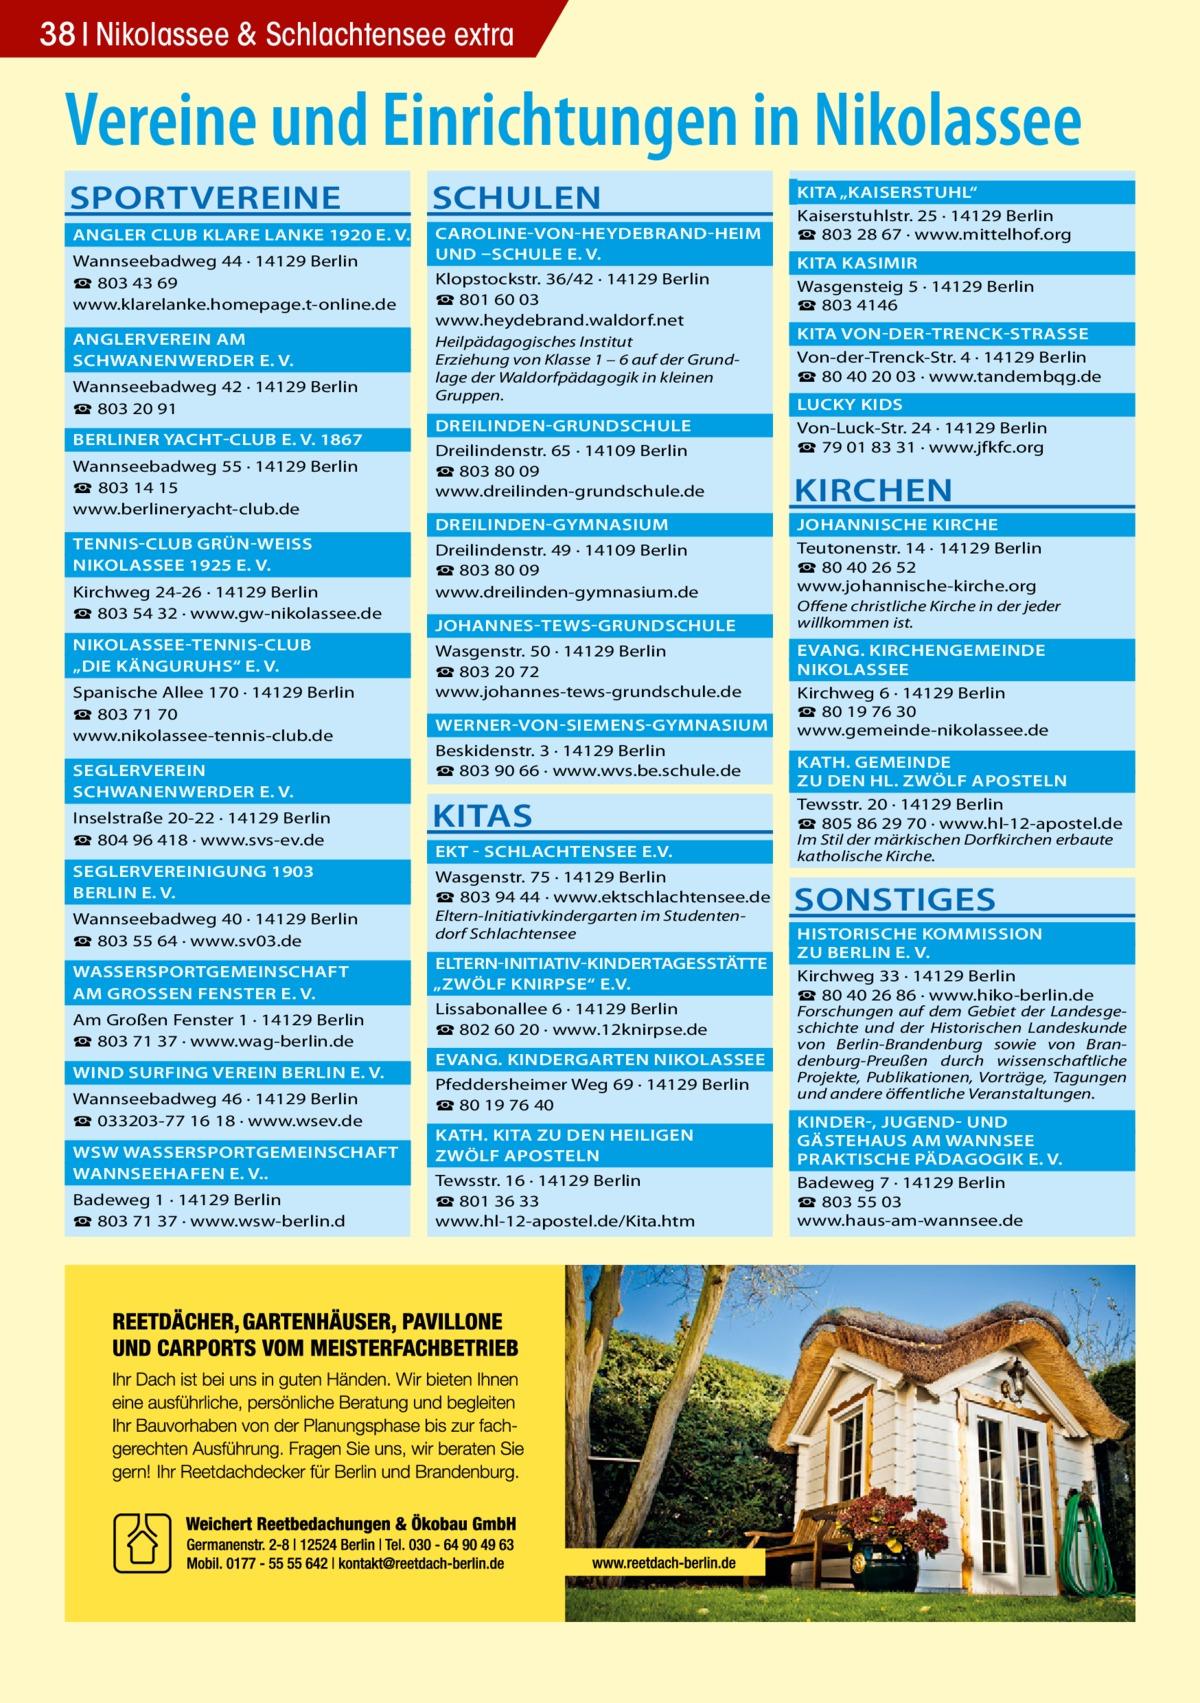 """38 Nikolassee & Schlachtensee extra  Vereine und Einrichtungen in Nikolassee SPORTVEREINE  SCHULEN   ANGLER CLUB KLARE LANKE 1920 E. V.�  CAROLINE-VON-HEYDEBRAND-HEIM �  UND –SCHULE E. V. � Wannseebadweg 44 · 14129 Berlin ☎ 803 43 69 www.klarelanke.homepage.t-online.de  ANGLERVEREIN AM�  SCHWANENWERDER E. V.� Wannseebadweg 42 · 14129 Berlin ☎ 803 20 91  BERLINER YACHT-CLUB E. V. 1867� Wannseebadweg 55 · 14129 Berlin ☎ 803 14 15 www.berlineryacht-club.de  TENNIS-CLUB GRÜN-WEISS �  NIKOLASSEE 1925 E. V.� Kirchweg 24-26 · 14129 Berlin ☎ 803 54 32 · www.gw-nikolassee.de  NIKOLASSEE-TENNIS-CLUB �  """"DIE KÄNGURUHS"""" E. V.� Spanische Allee 170 · 14129 Berlin ☎803 71 70 www.nikolassee-tennis-club.de SEGLERVEREIN�  SCHWANENWERDER E. V.� Inselstraße 20-22 · 14129 Berlin ☎804 96 418 · www.svs-ev.de  SEGLERVEREINIGUNG 1903 �  BERLIN E. V.� Wannseebadweg 40 · 14129 Berlin ☎803 55 64 · www.sv03.de  WASSERSPORTGEMEINSCHAFT �  AM GROSSEN FENSTER E. V.� Am Großen Fenster 1 · 14129 Berlin ☎803 71 37 · www.wag-berlin.de  WIND SURFING VEREIN BERLIN E. V.� Wannseebadweg 46 · 14129 Berlin ☎033203-77 16 18 · www.wsev.de  WSW WASSERSPORTGEMEINSCHAFT �  WANNSEEHAFEN E. V..� Badeweg 1 · 14129 Berlin ☎803 71 37 · www.wsw-berlin.d  Klopstockstr. 36/42 · 14129 Berlin ☎801 60 03 www.heydebrand.waldorf.net  Heilpädagogisches Institut Erziehung von Klasse 1 – 6 auf der Grundlage der Waldorfpädagogik in kleinen Gruppen.  DREILINDEN-GRUNDSCHULE� Dreilindenstr. 65 · 14109 Berlin ☎803 80 09 www.dreilinden-grundschule.de DREILINDEN-GYMNASIUM� Dreilindenstr. 49 · 14109 Berlin ☎803 80 09 www.dreilinden-gymnasium.de  JOHANNES-TEWS-GRUNDSCHULE �   KITA """"KAISERSTUHL""""� Kaiserstuhlstr. 25 · 14129 Berlin ☎803 28 67 · www.mittelhof.org  KITA KASIMIR� Wasgensteig 5 · 14129 Berlin ☎803 4146  KITA VON-DER-TRENCK-STRASSE � Von-der-Trenck-Str. 4 · 14129 Berlin ☎80 40 20 03 · www.tandembqg.de  LUCKY KIDS� Von-Luck-Str. 24 · 14129 Berlin ☎79 01 83 31 · www.jfkfc.org  KIRCHEN  JOHANNISCHE KIRCHE � Teutonenstr. 14 · 14129"""